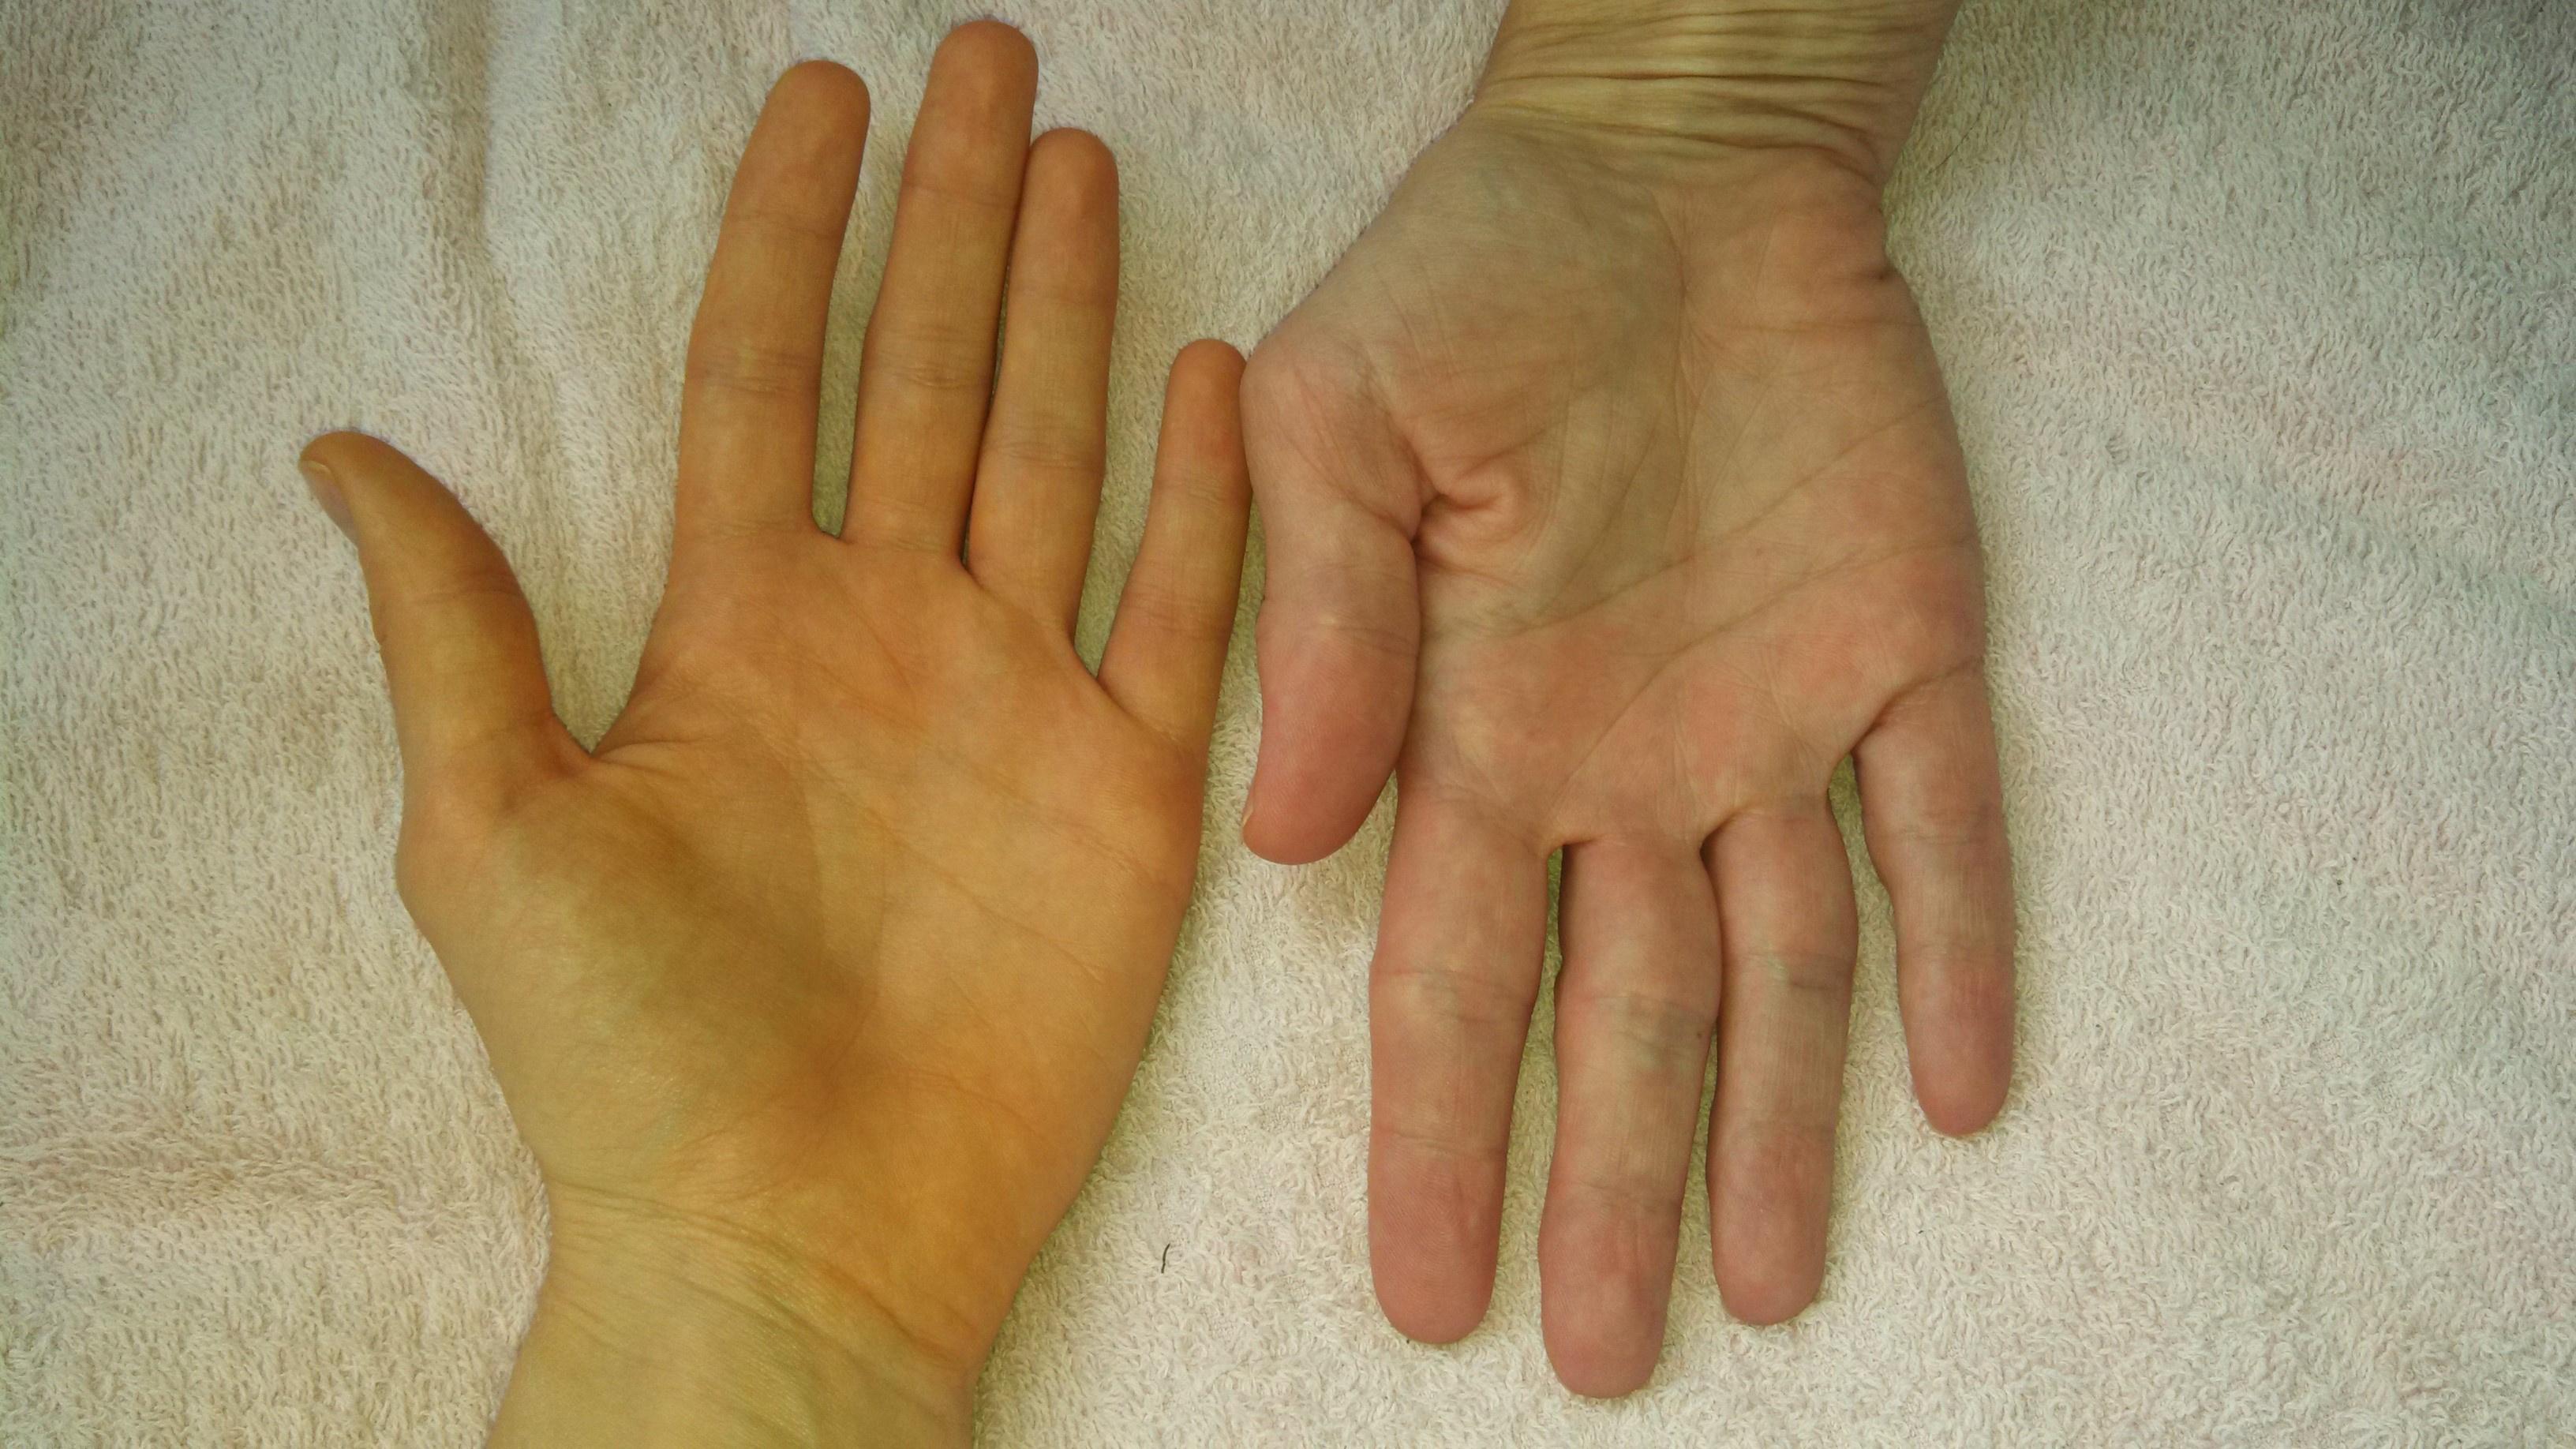 Mitől jönnek ki a piros foltok? 8 dolog, ami csalánkiütést okozhat - Blikk